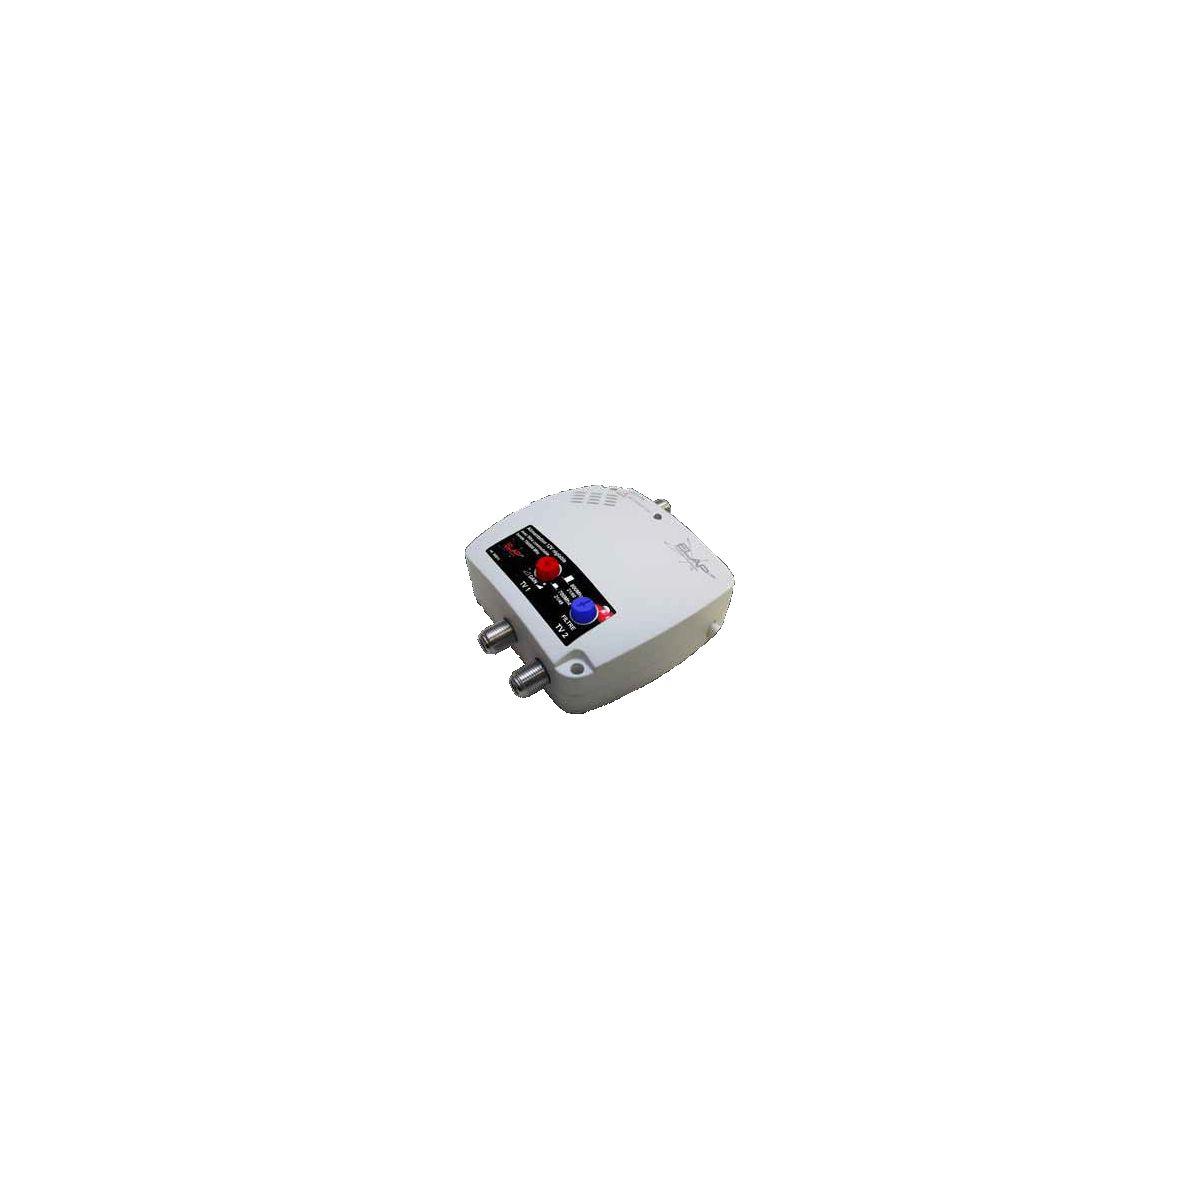 Amplificateur ELAP commutable 700mhz gain régl. (photo)